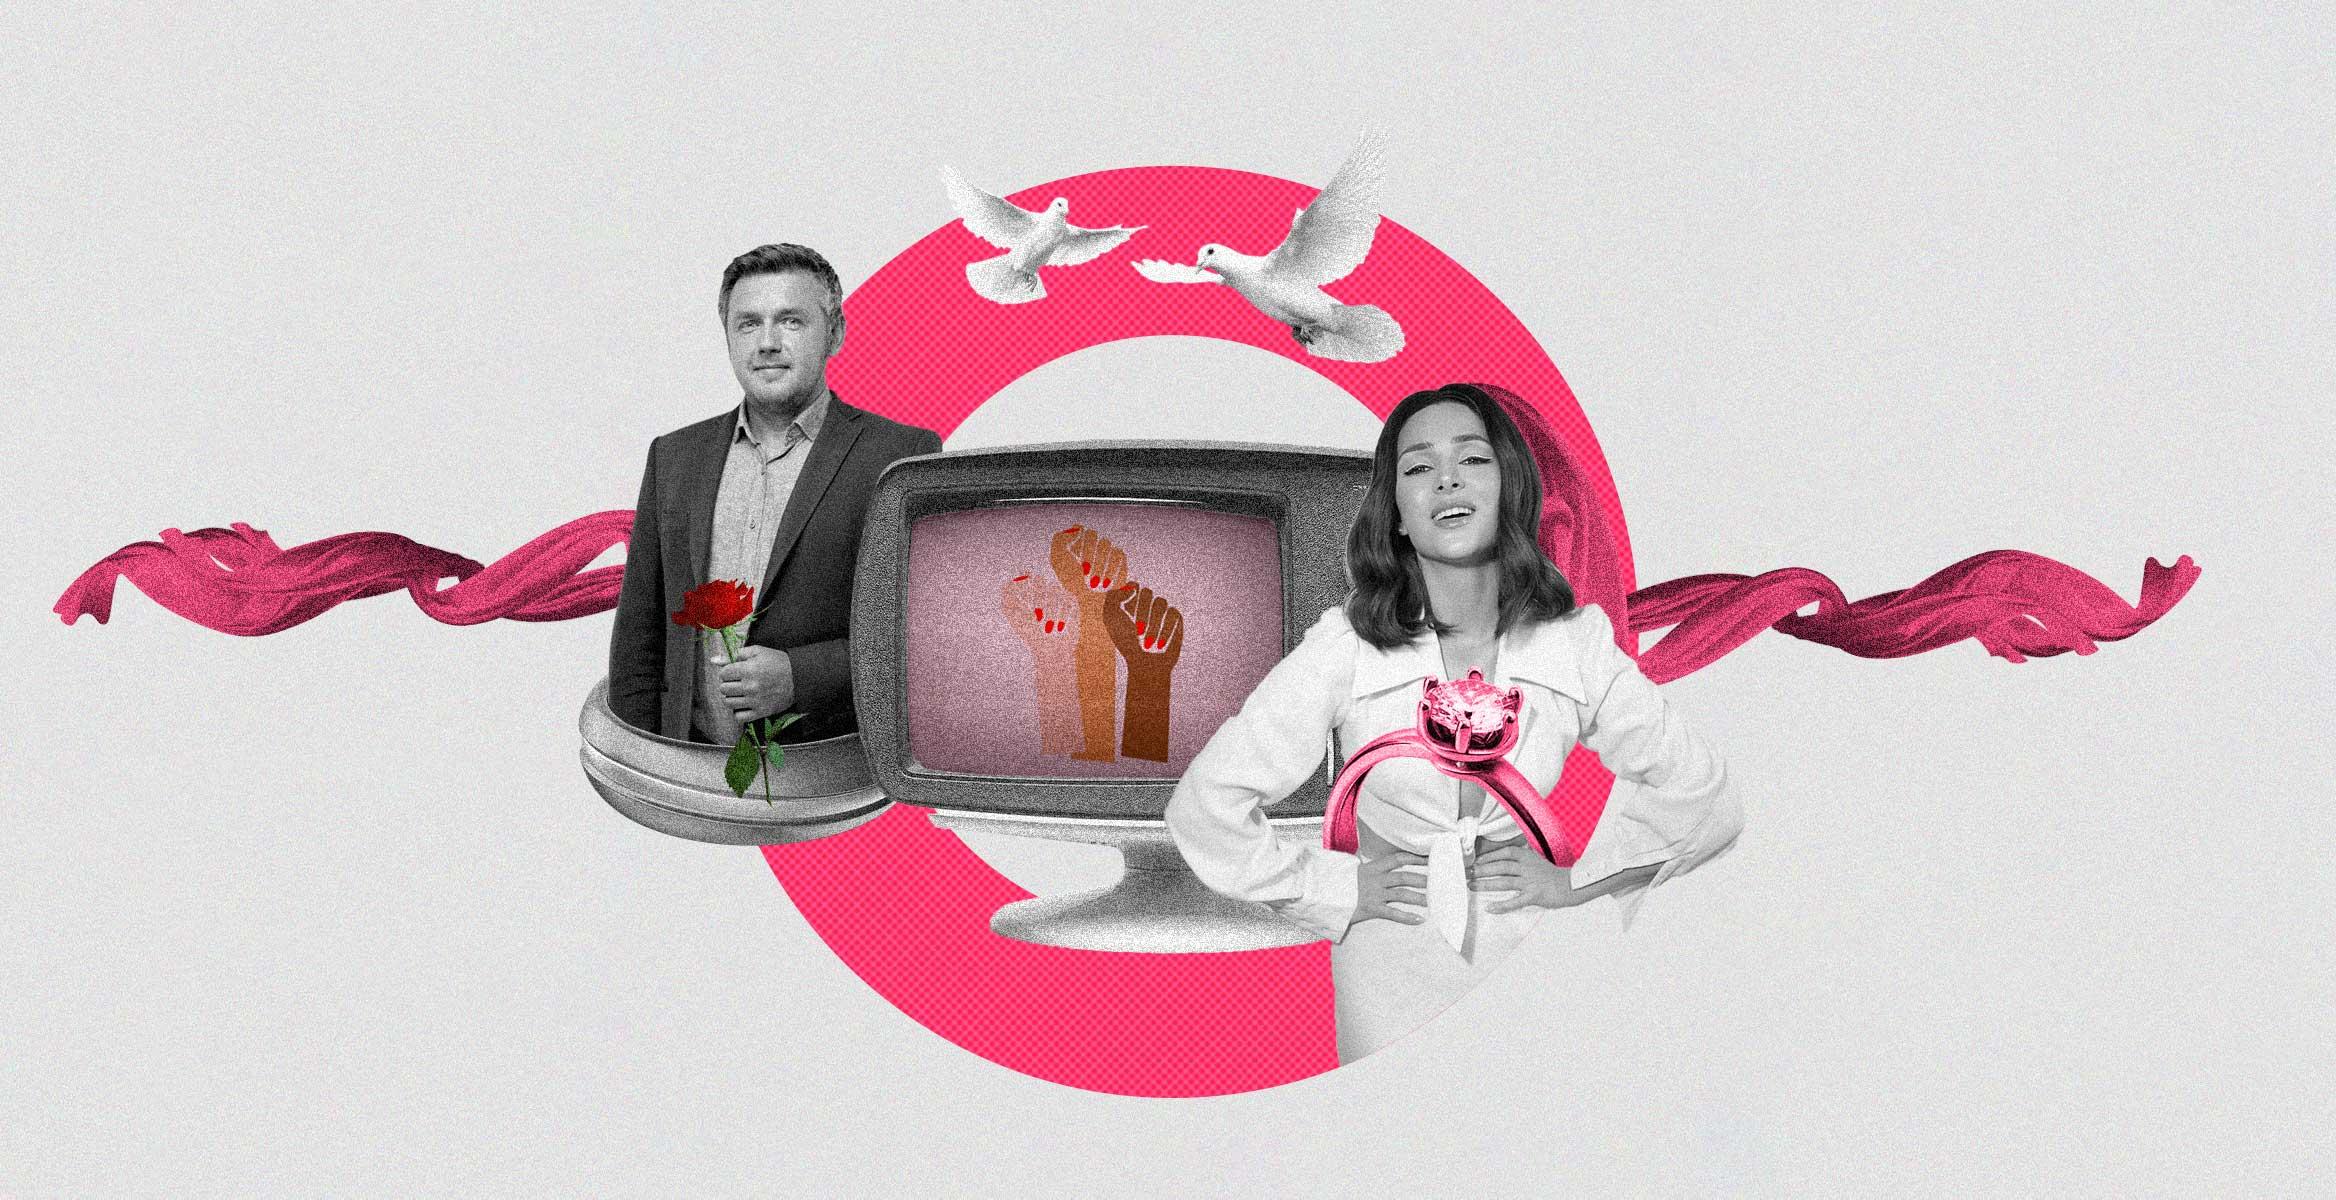 Феминизм и толерантность. Как украинские телешоу начали продвигать прогрессивные идеи, сами того не замечая